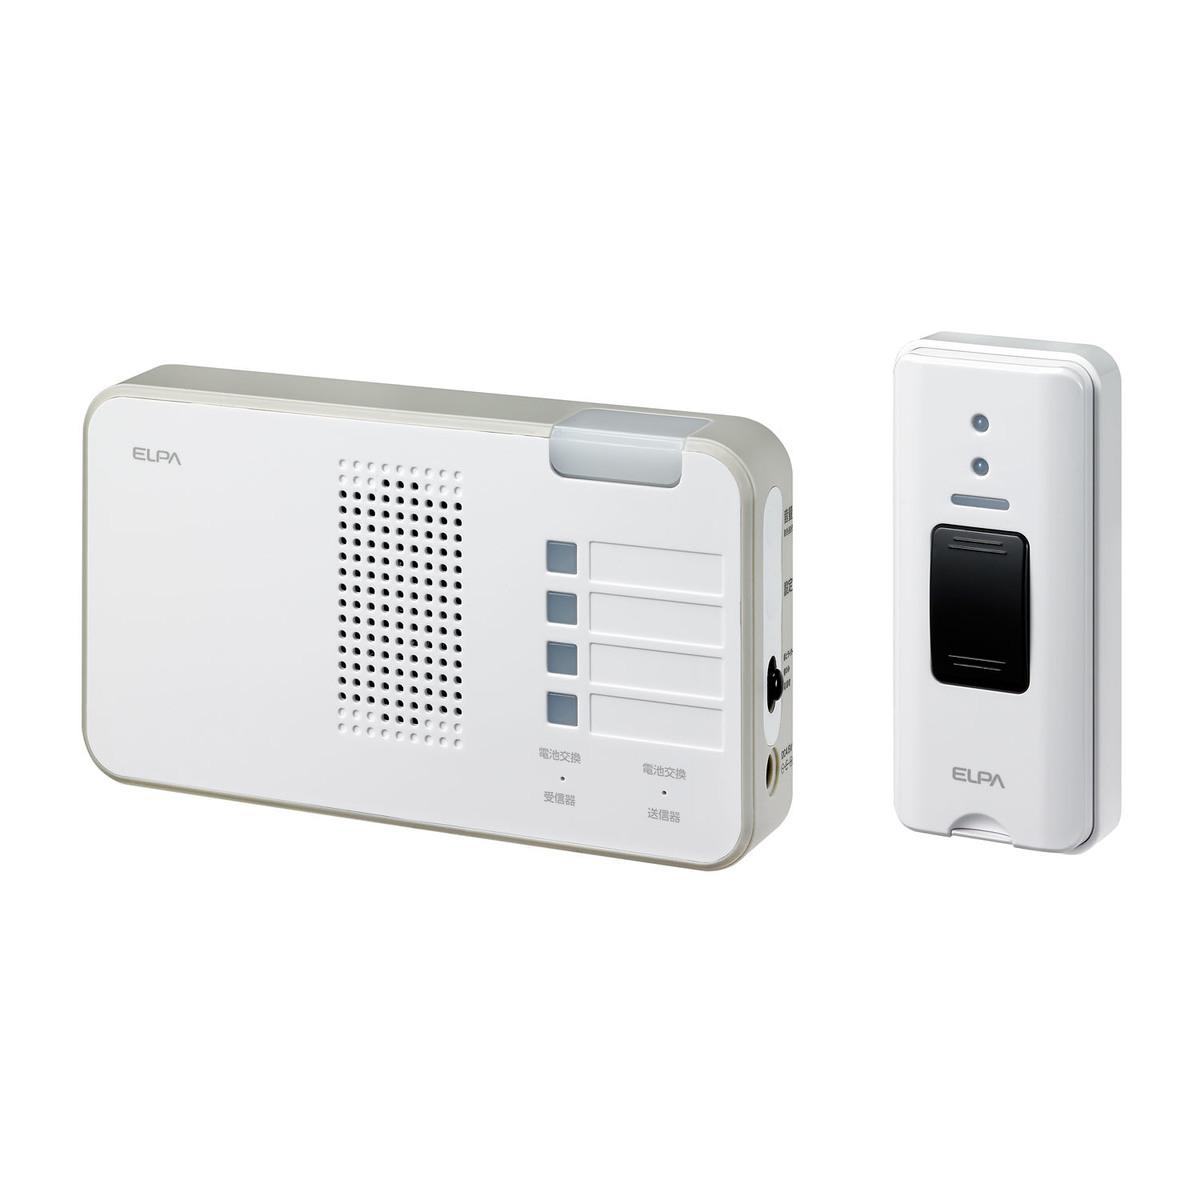 半額 朝日電器 エルパ ワイヤレスチャイムランプ付きセット 待望 EWS-S5230